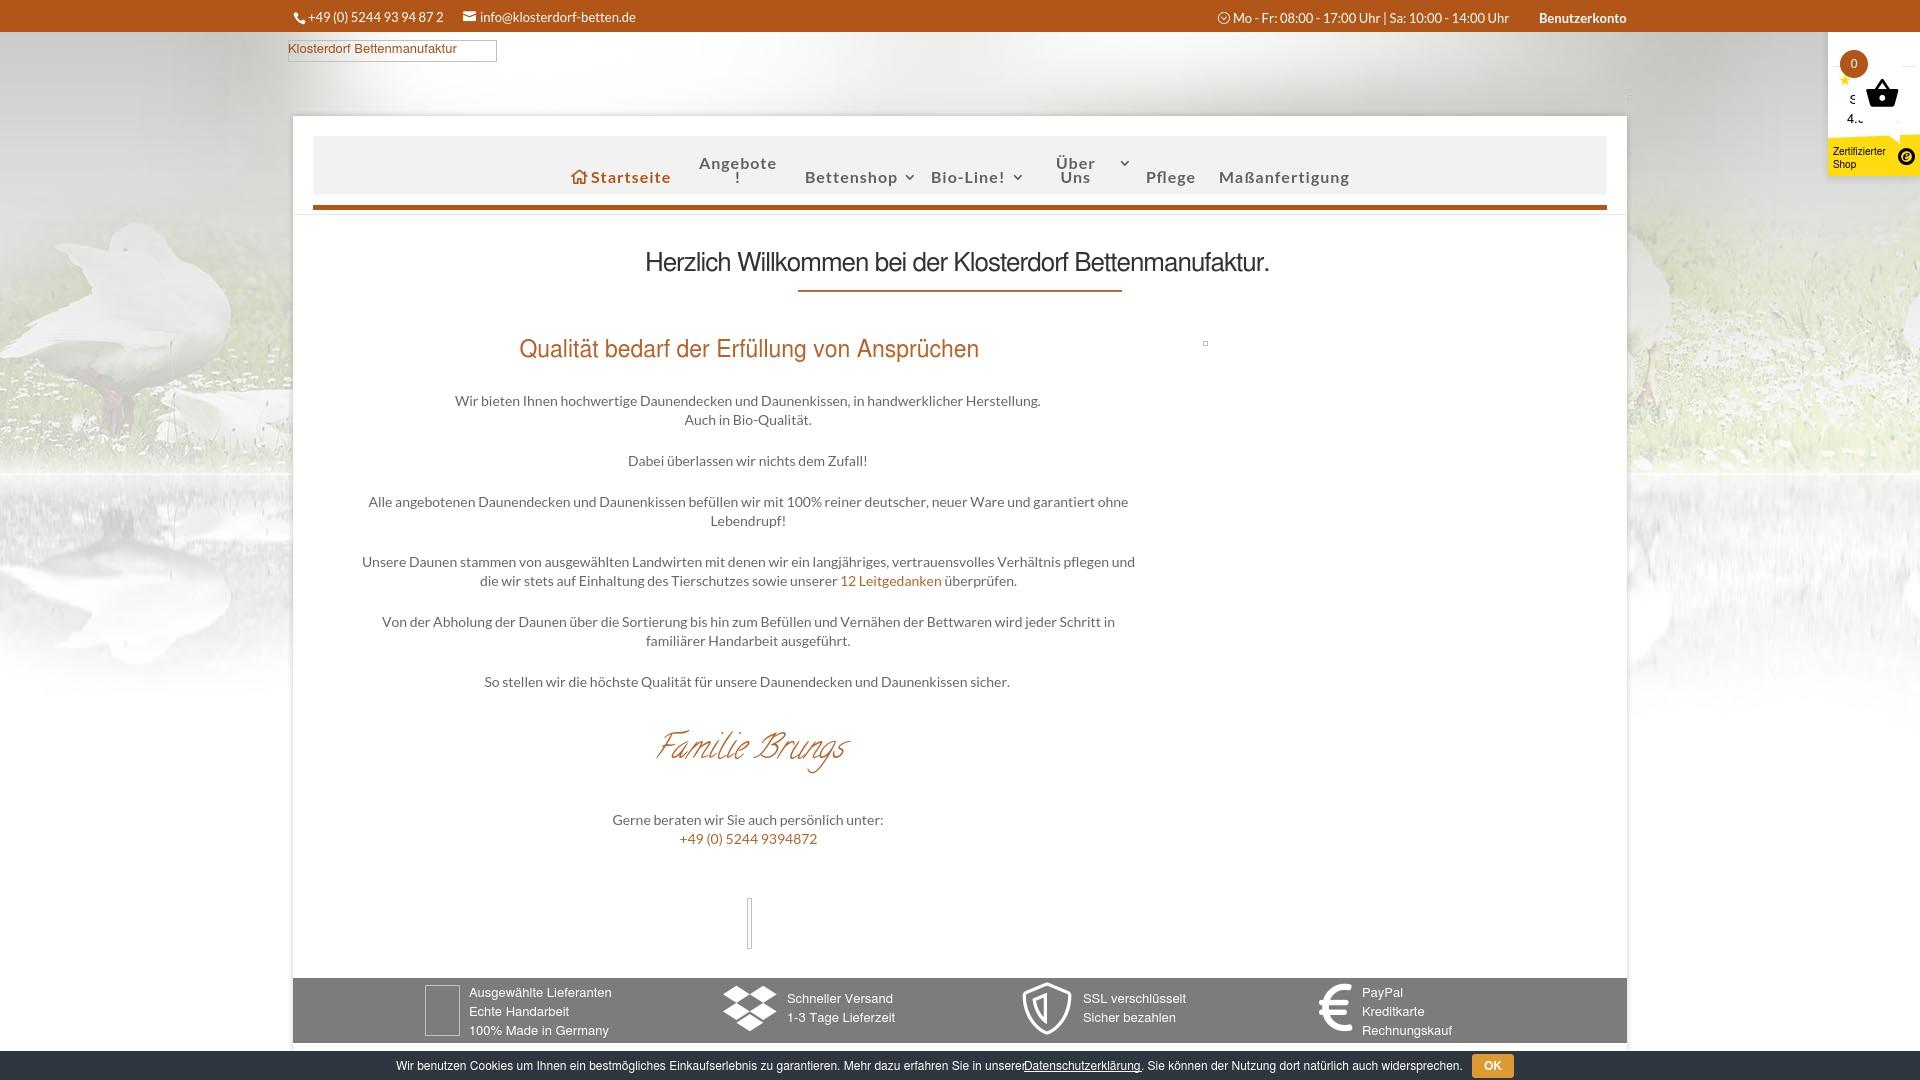 Gutschein für Klosterdorf-betten: Rabatte für  Klosterdorf-betten sichern